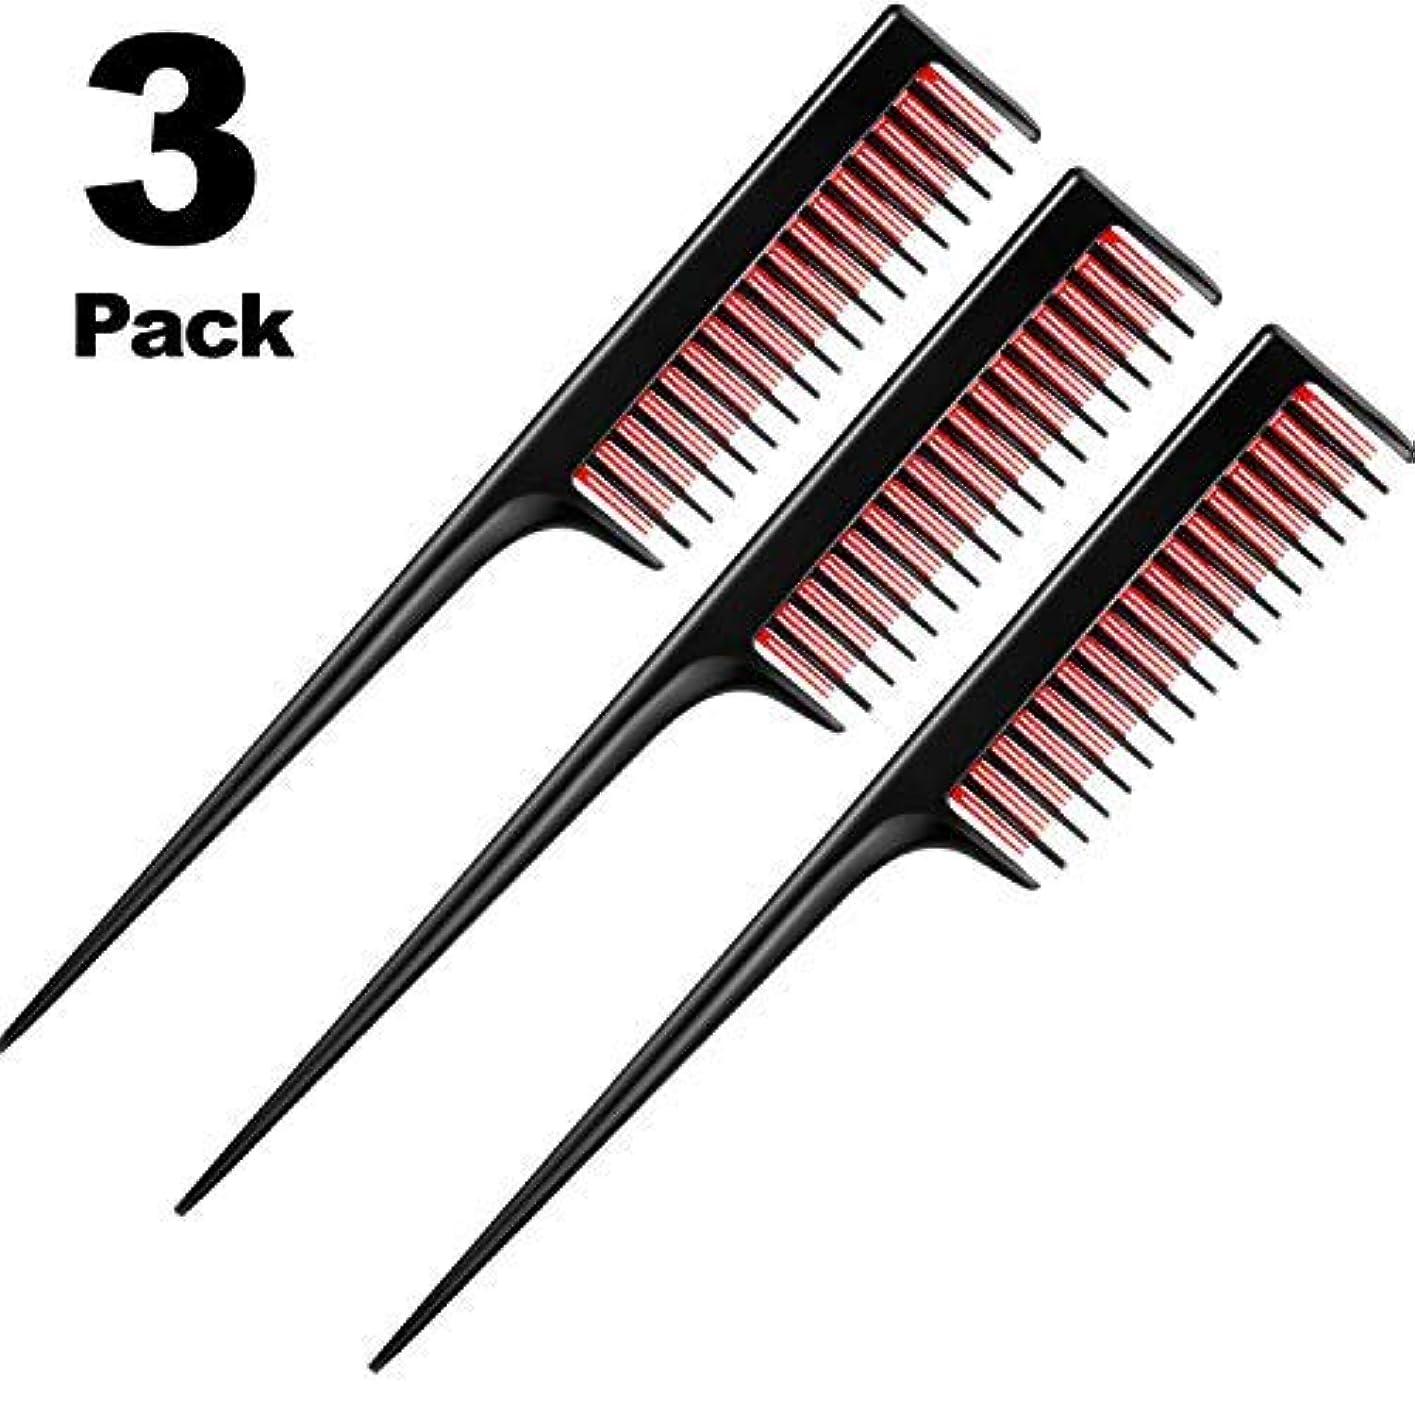 ギャザーぼんやりしたホイッスル3 Piece Triple Teasing Comb, rat tail combs for women,Tool Structure Tease Layers Rattail Comb,Rat Tail Comb for...